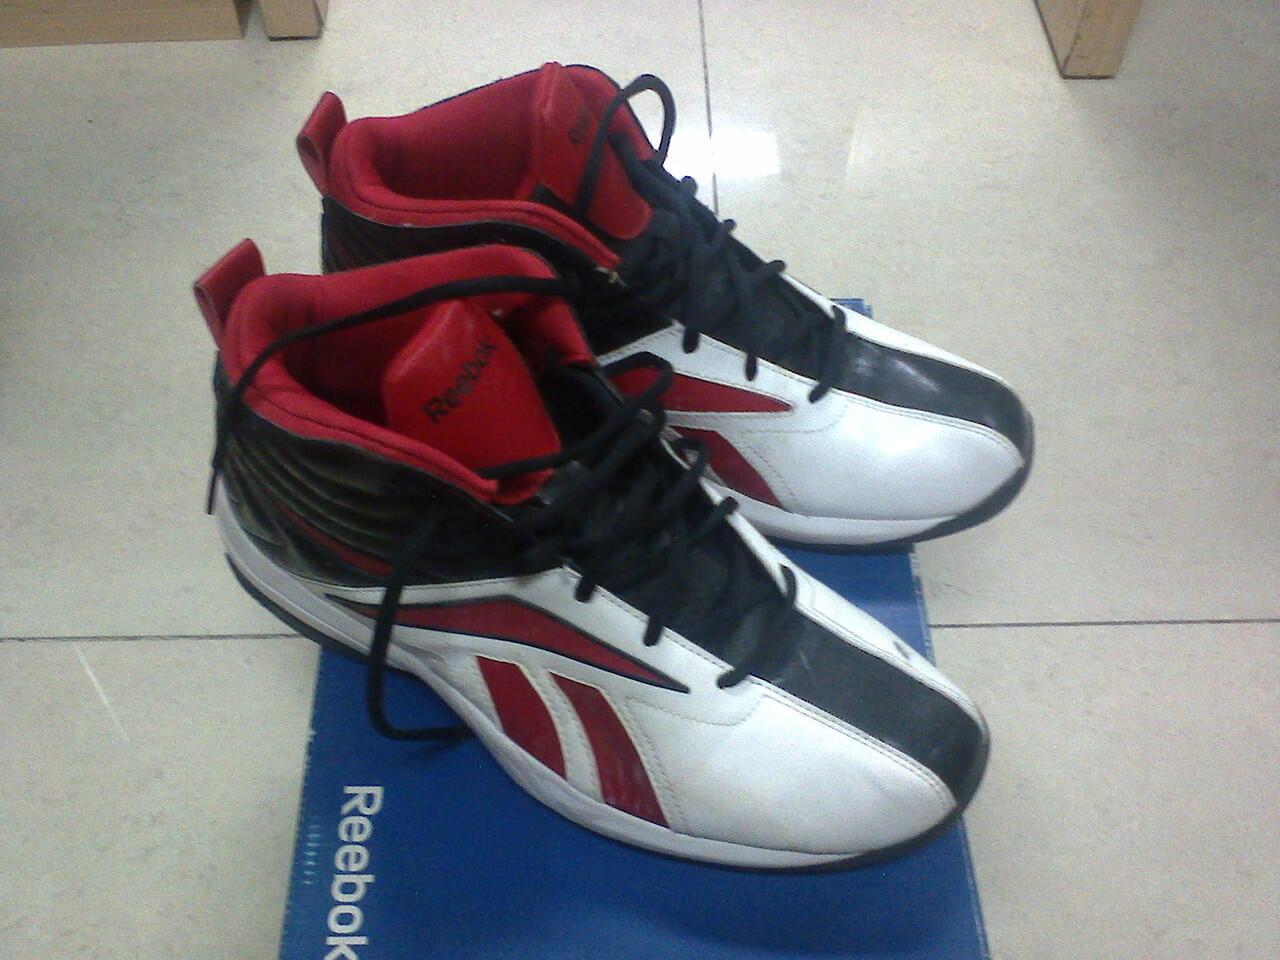 Terjual Sepatu Basket Reebok Buckets VII ori  a863f84b06